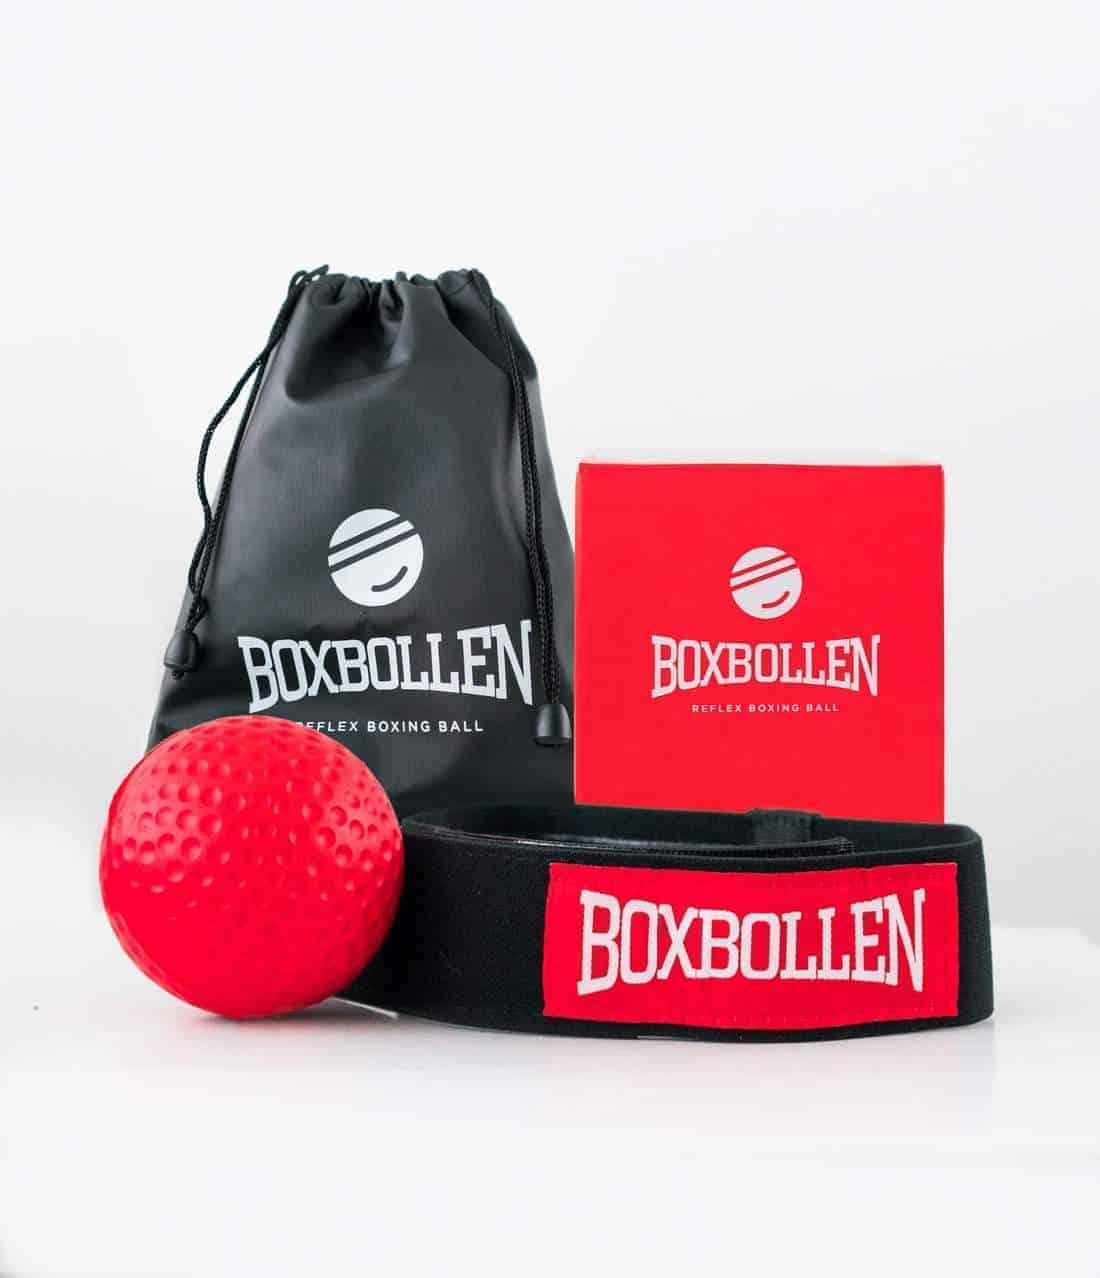 BOXBOLLEN